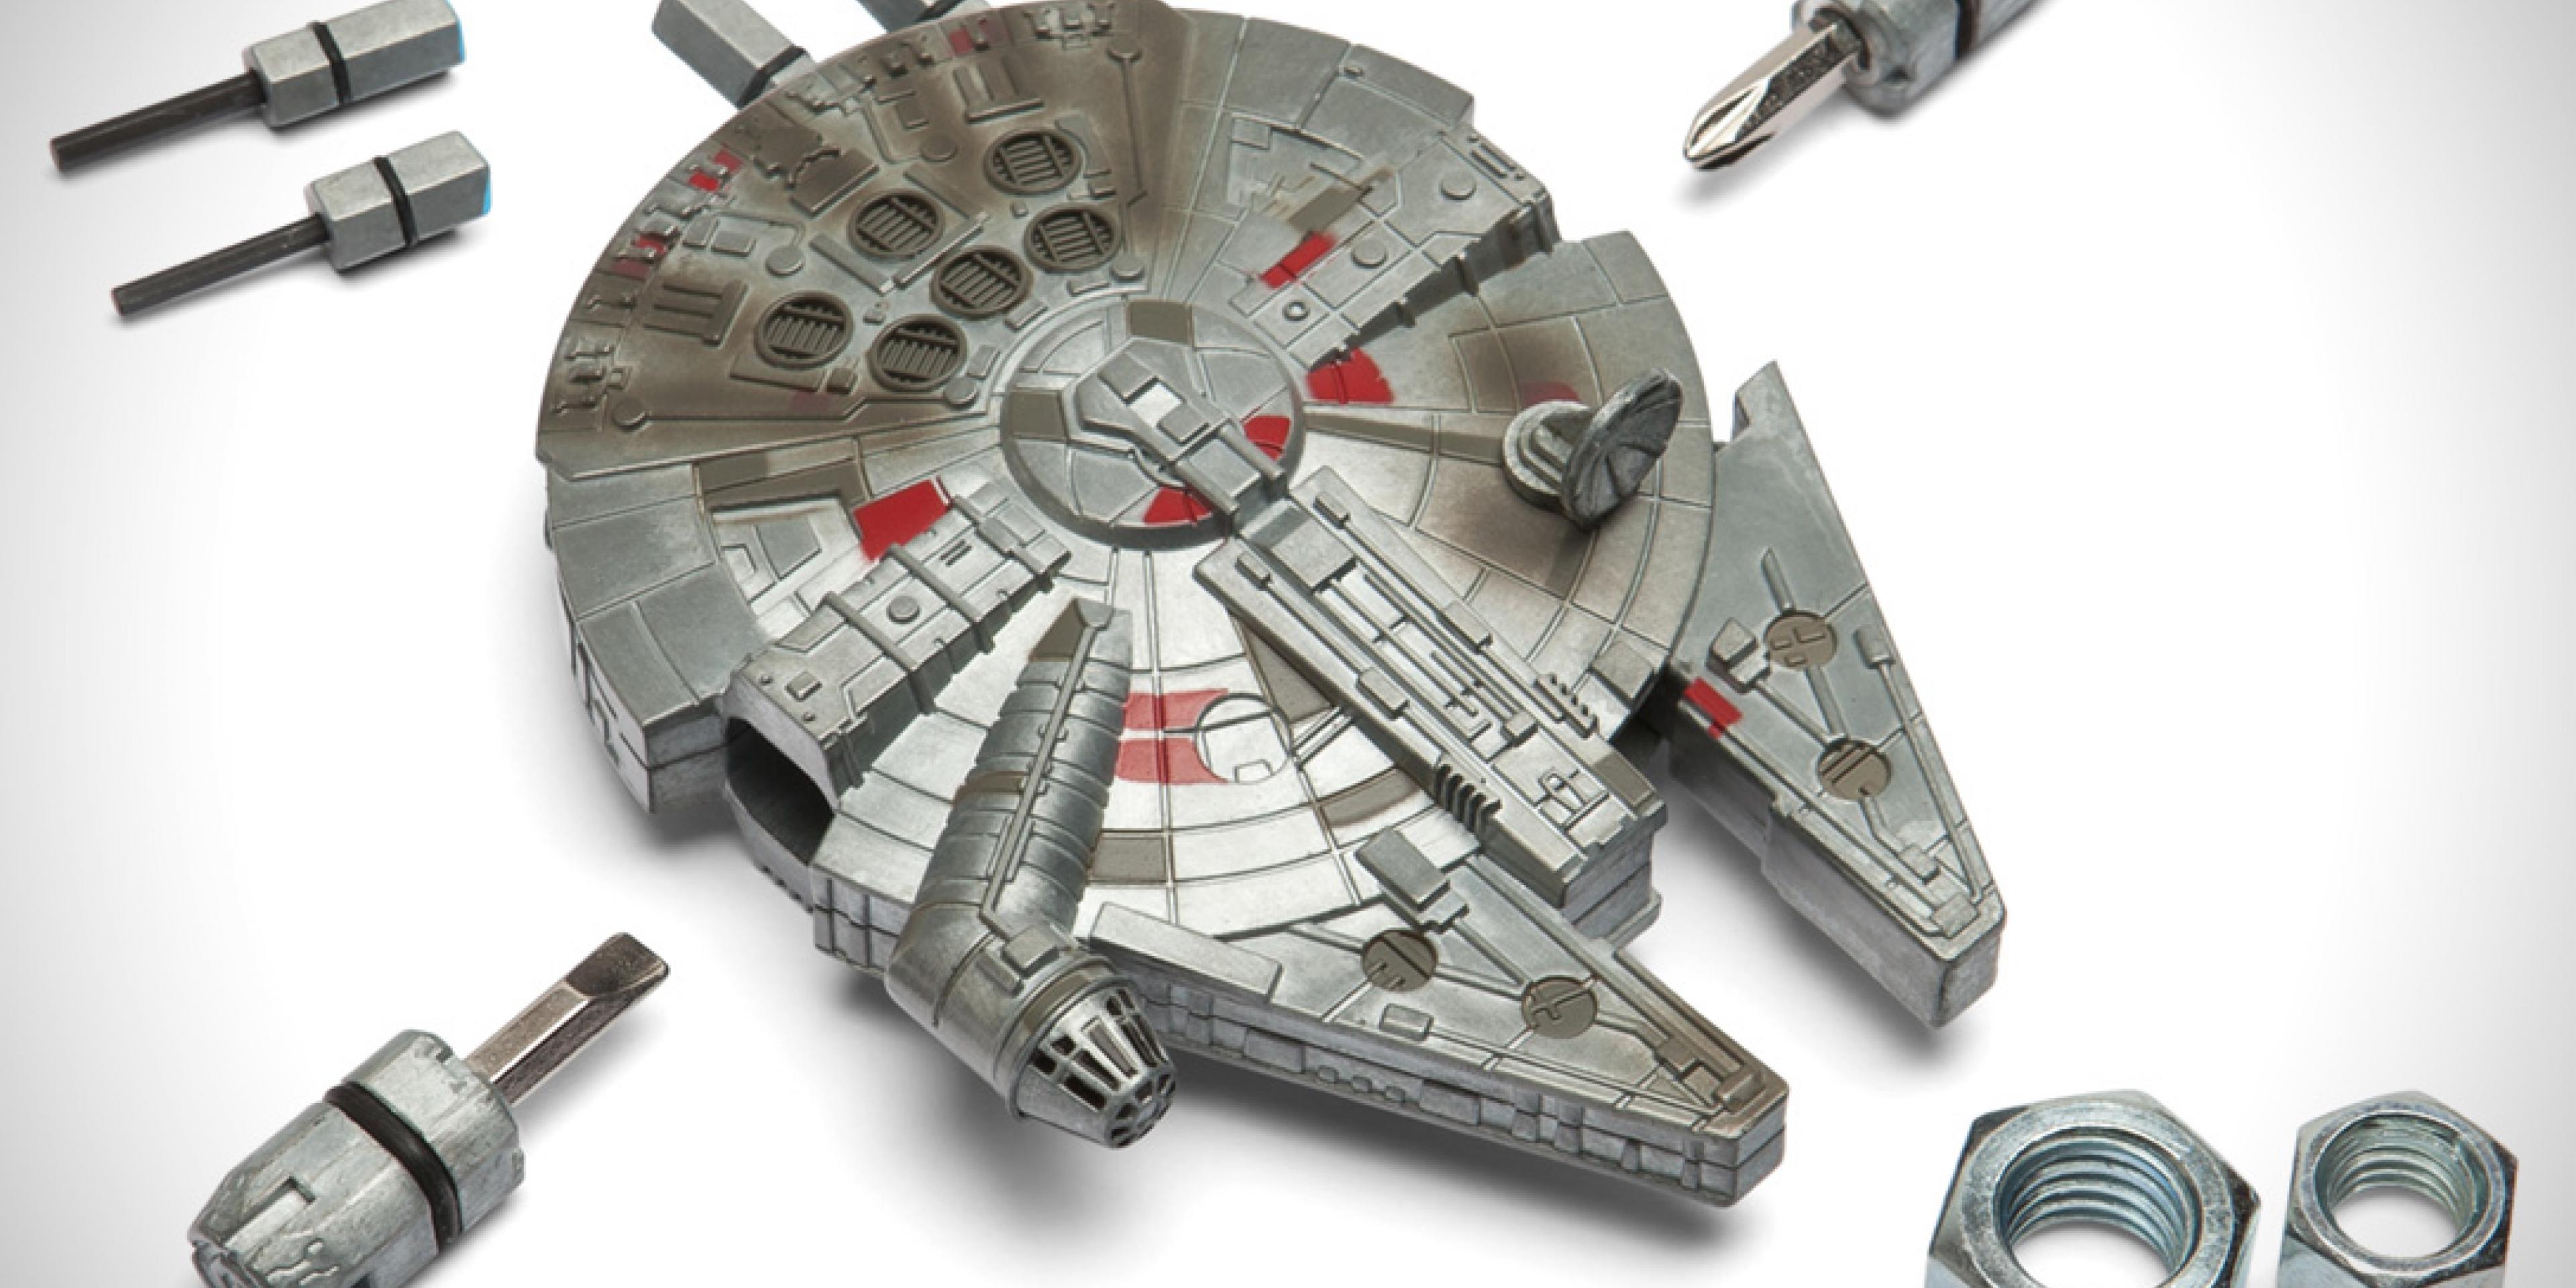 模型變身工具。星際大戰千年鷹號工具組